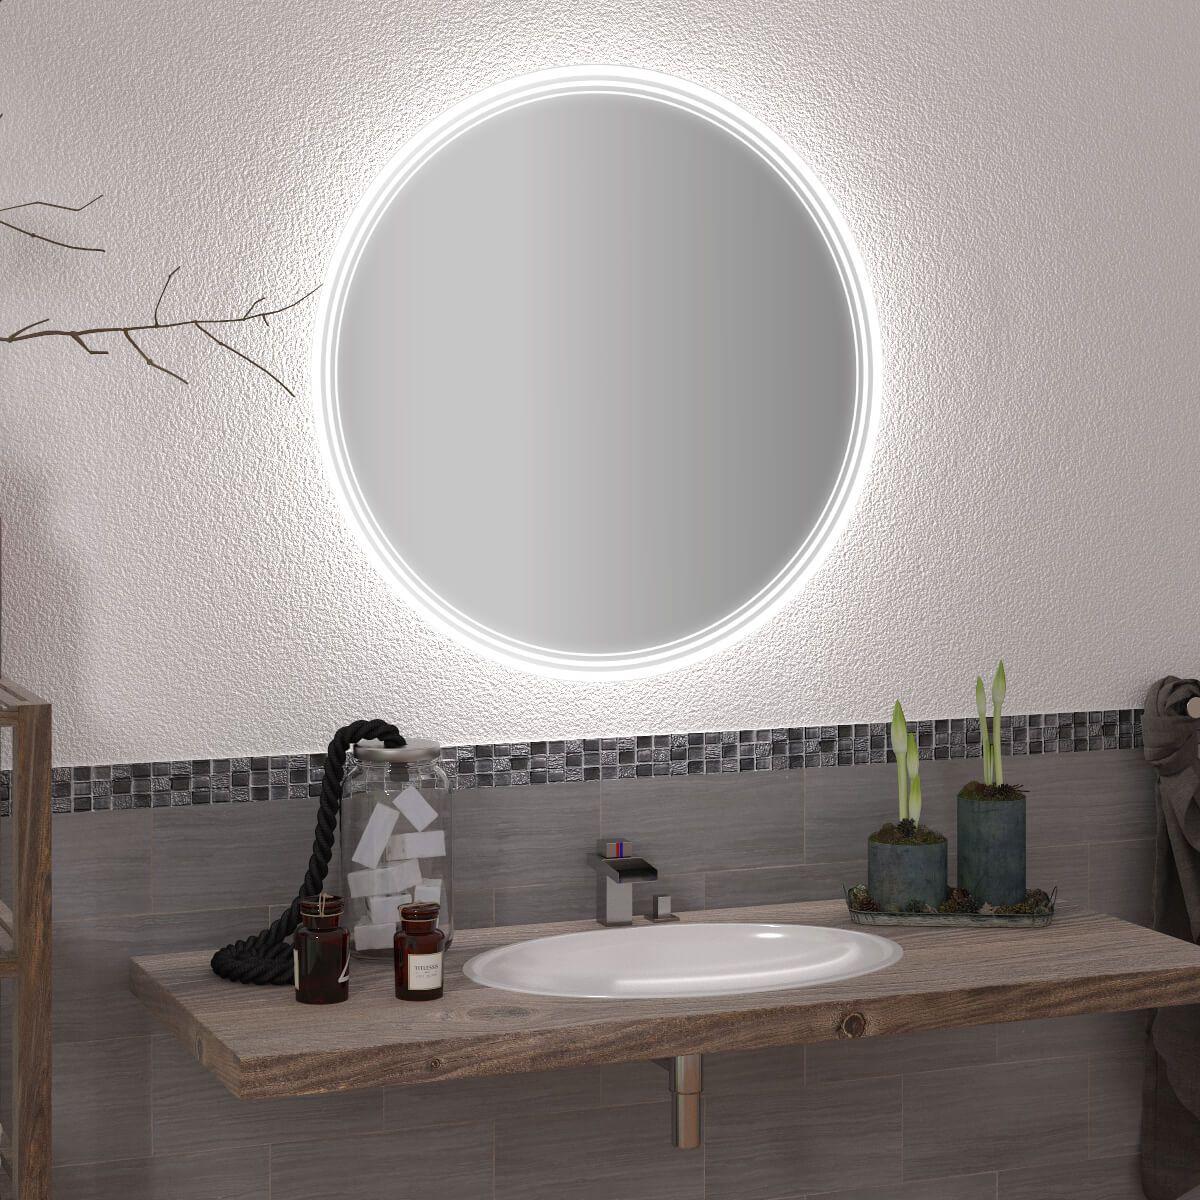 Runder Spiegel Mit Led Nach Mass Liam 989709693 In 2020 Led Spiegel Runde Spiegel Runde Badezimmerspiegel